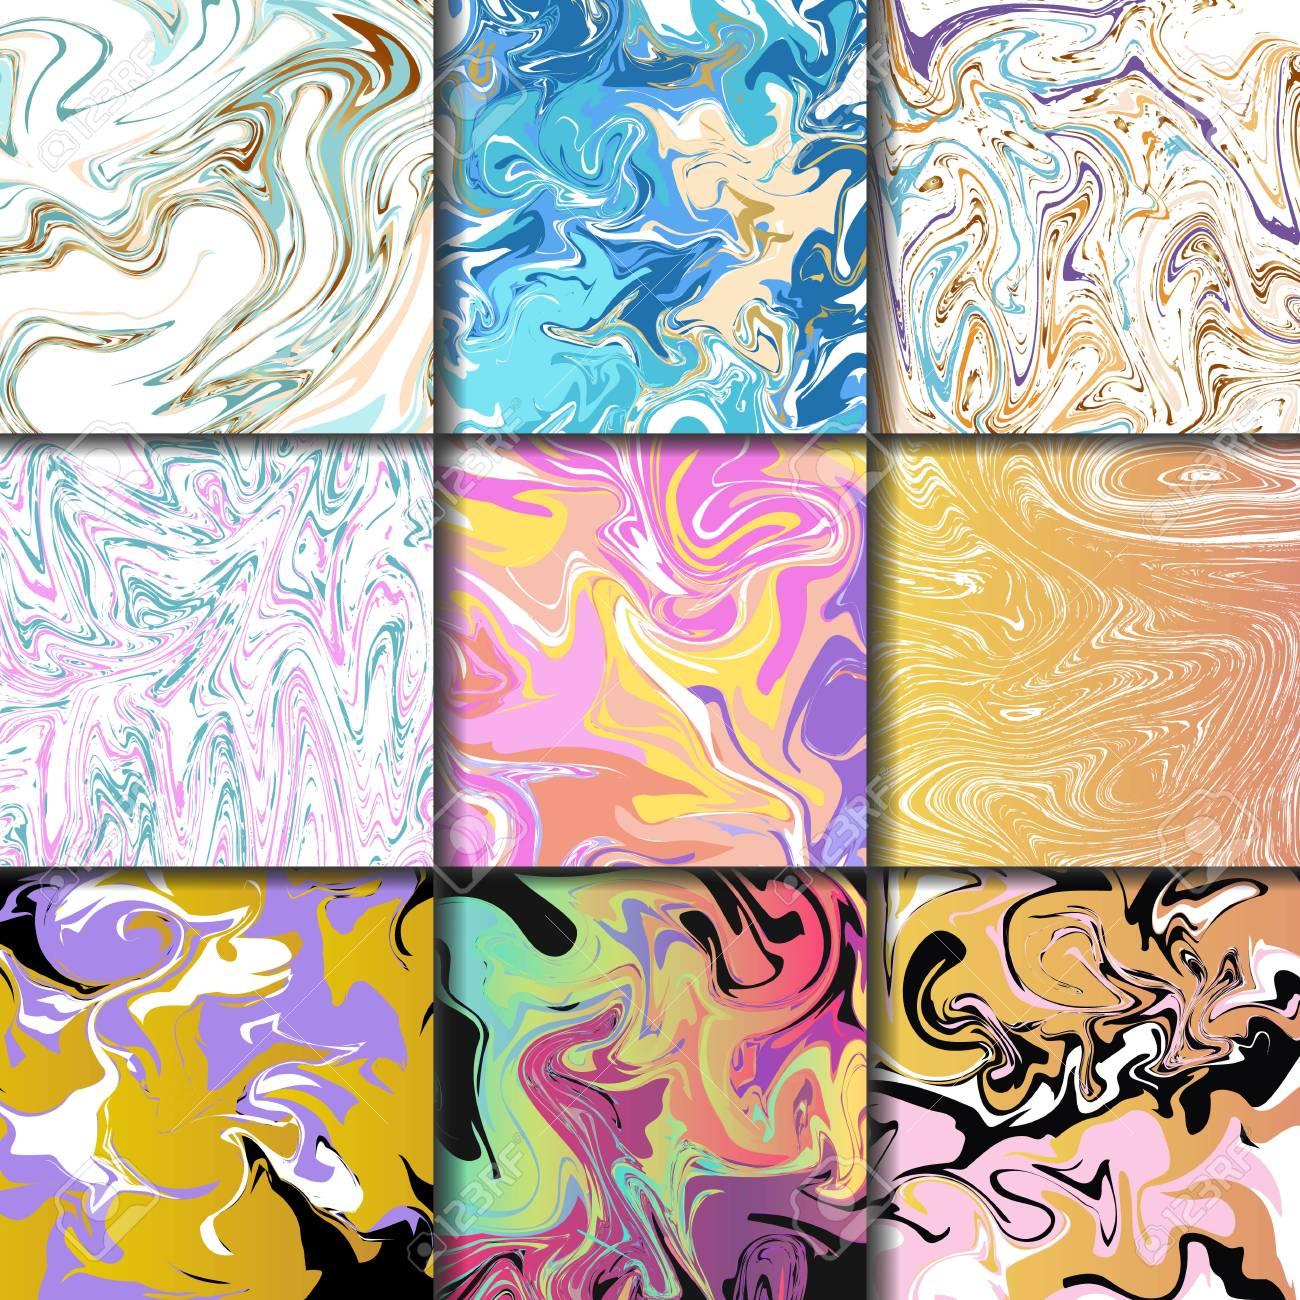 Abstrait Encre Textures Marbrure Dessines A La Main Peinture Aquarelle Pinceau Aqua Papier Et Soie Imprime Illustration Vectorielle Clip Art Libres De Droits Vecteurs Et Illustration Image 79986639